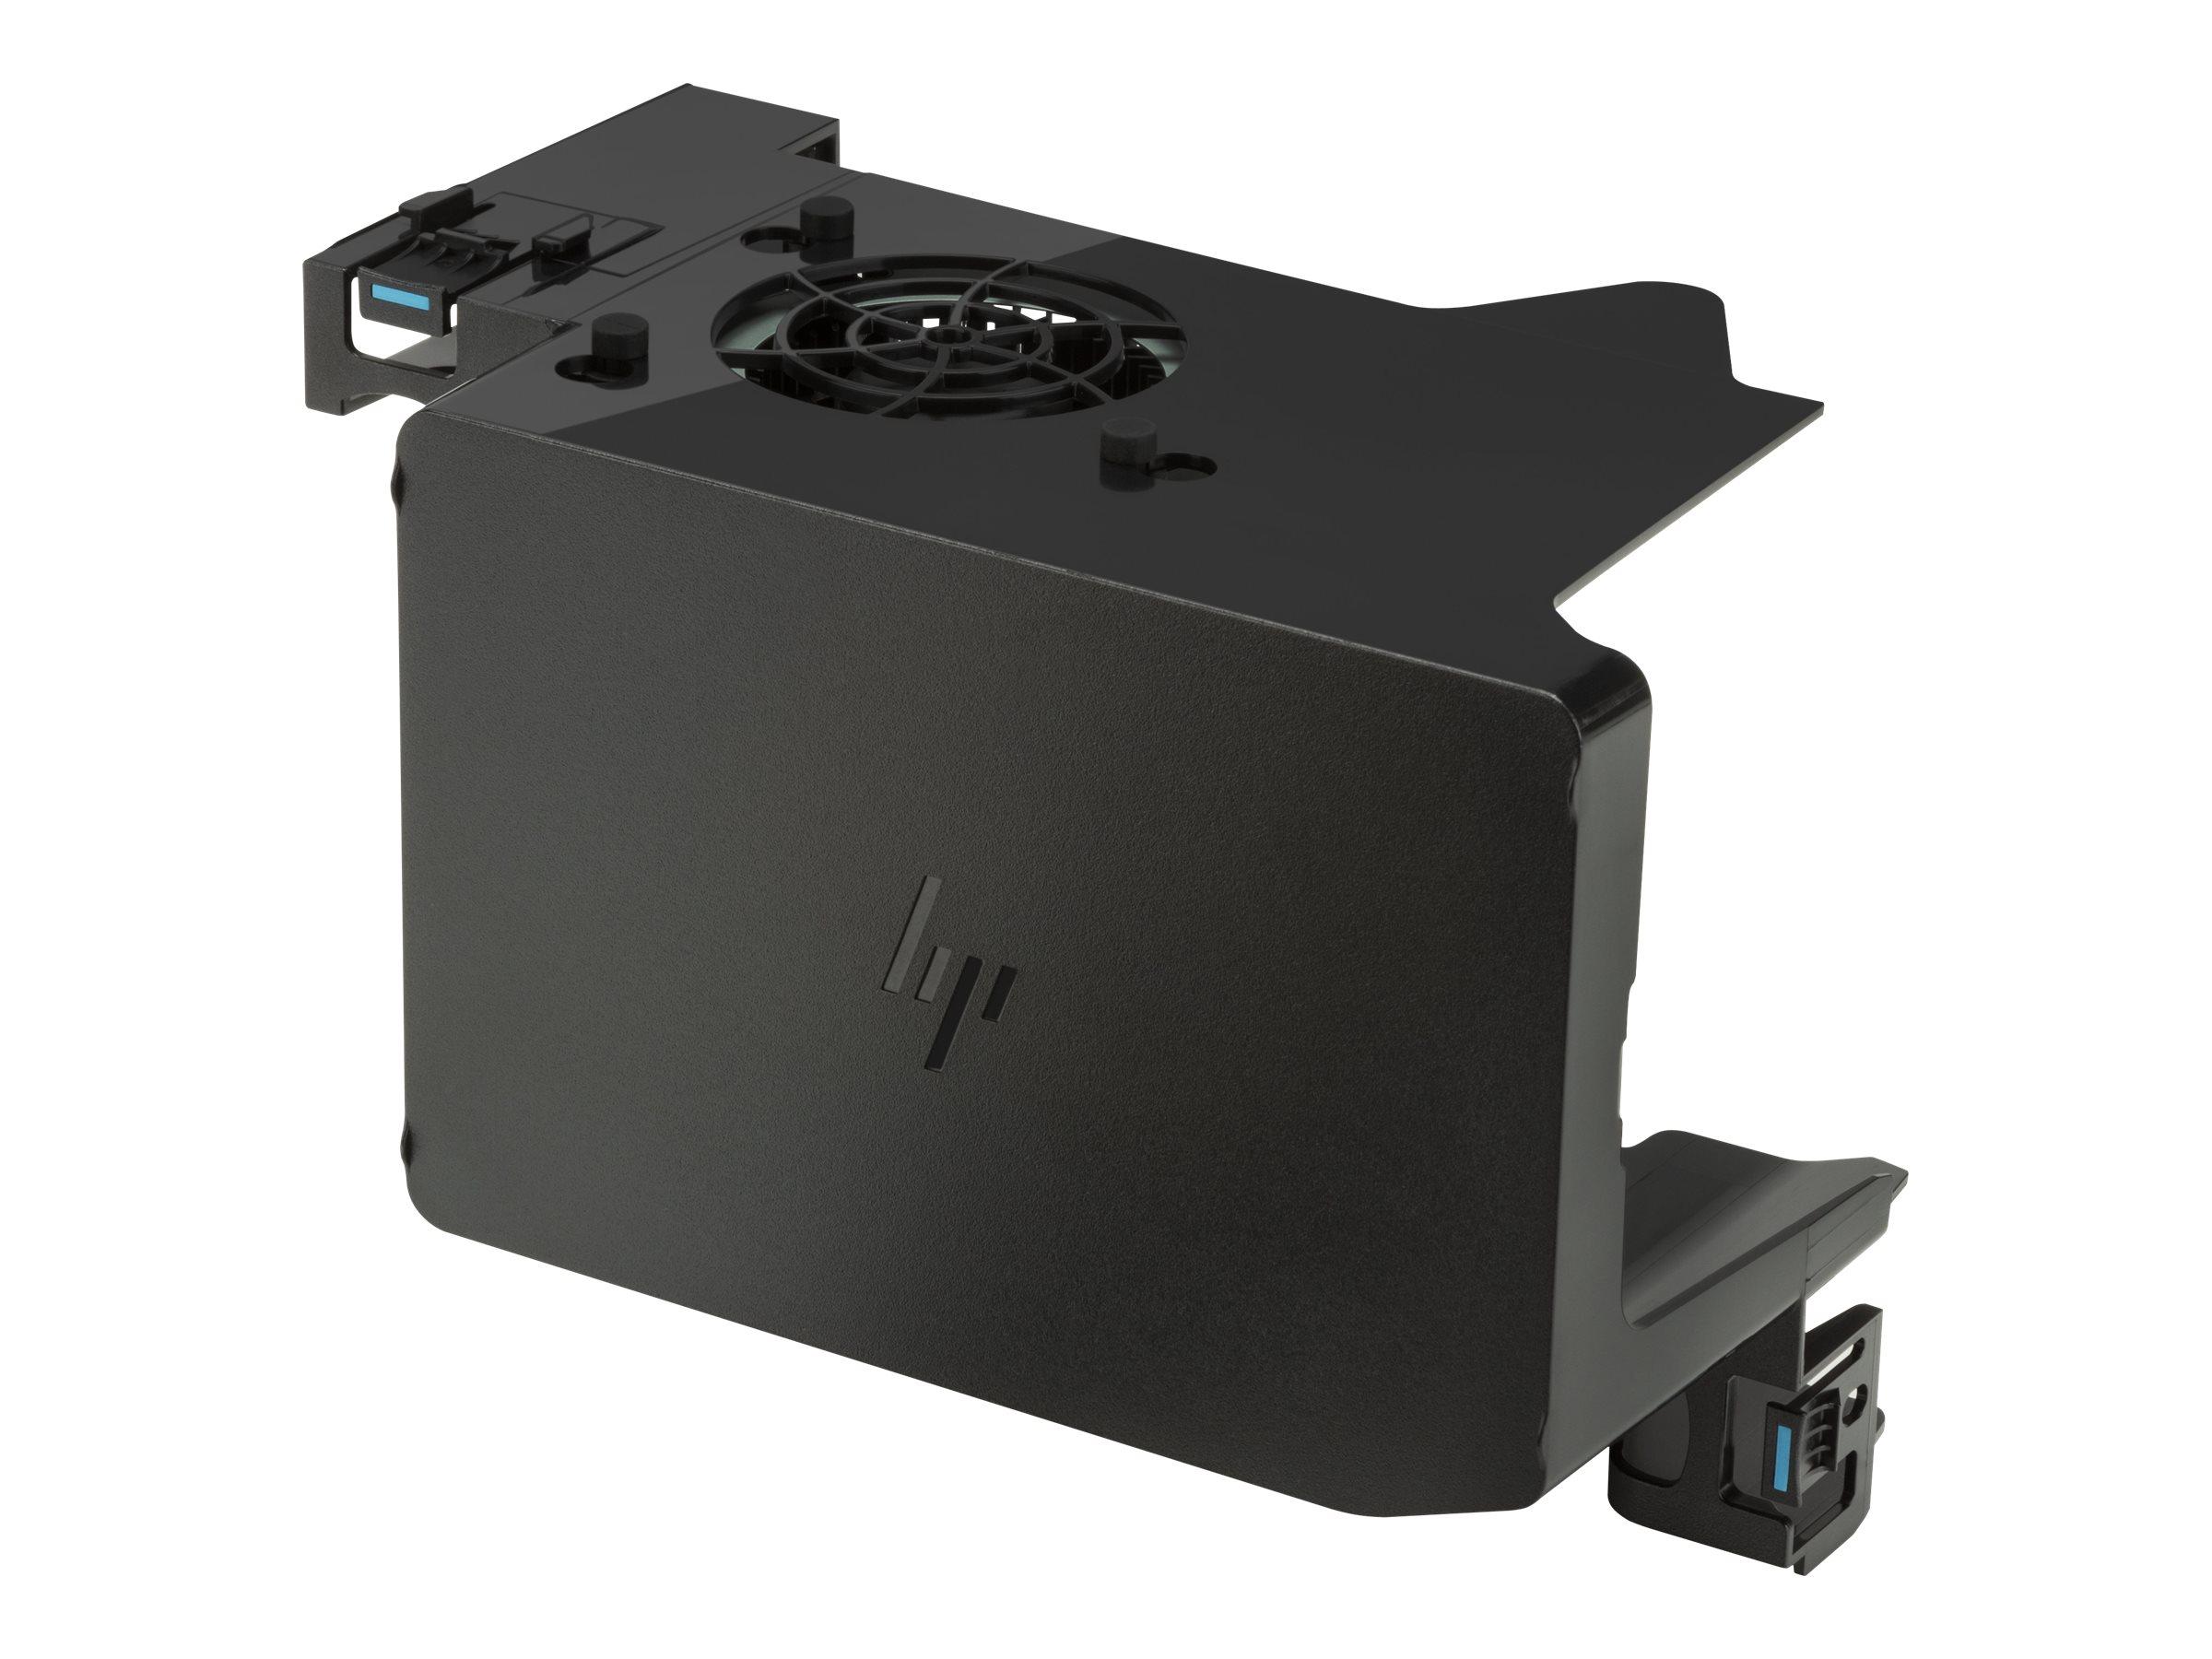 HP - Speicher-Kühlungs-Kit - für Workstation Z6 G4